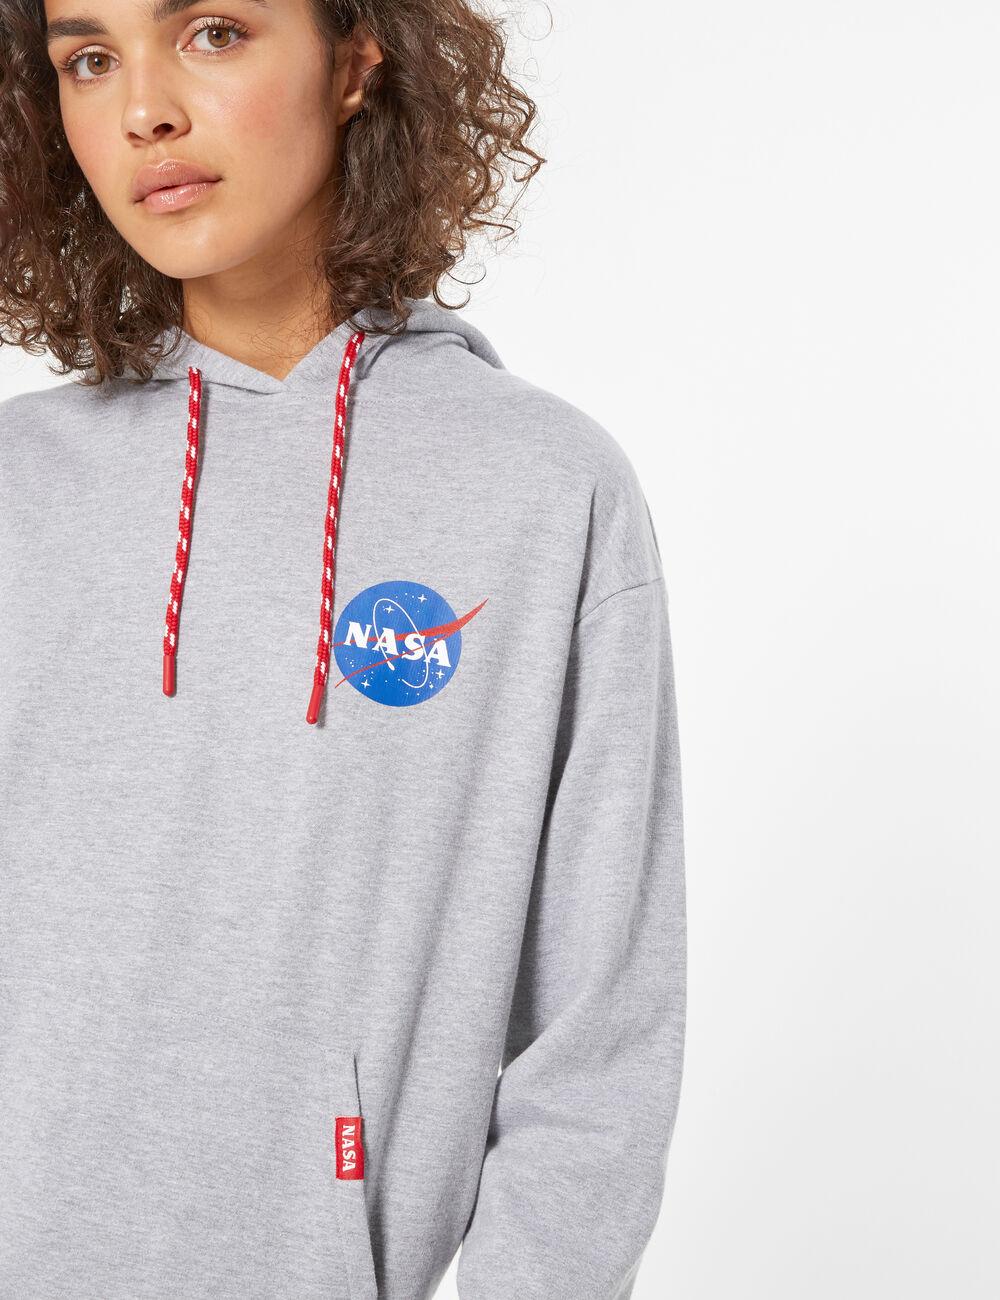 Sweat à capuche NASA femme • Jennyfer